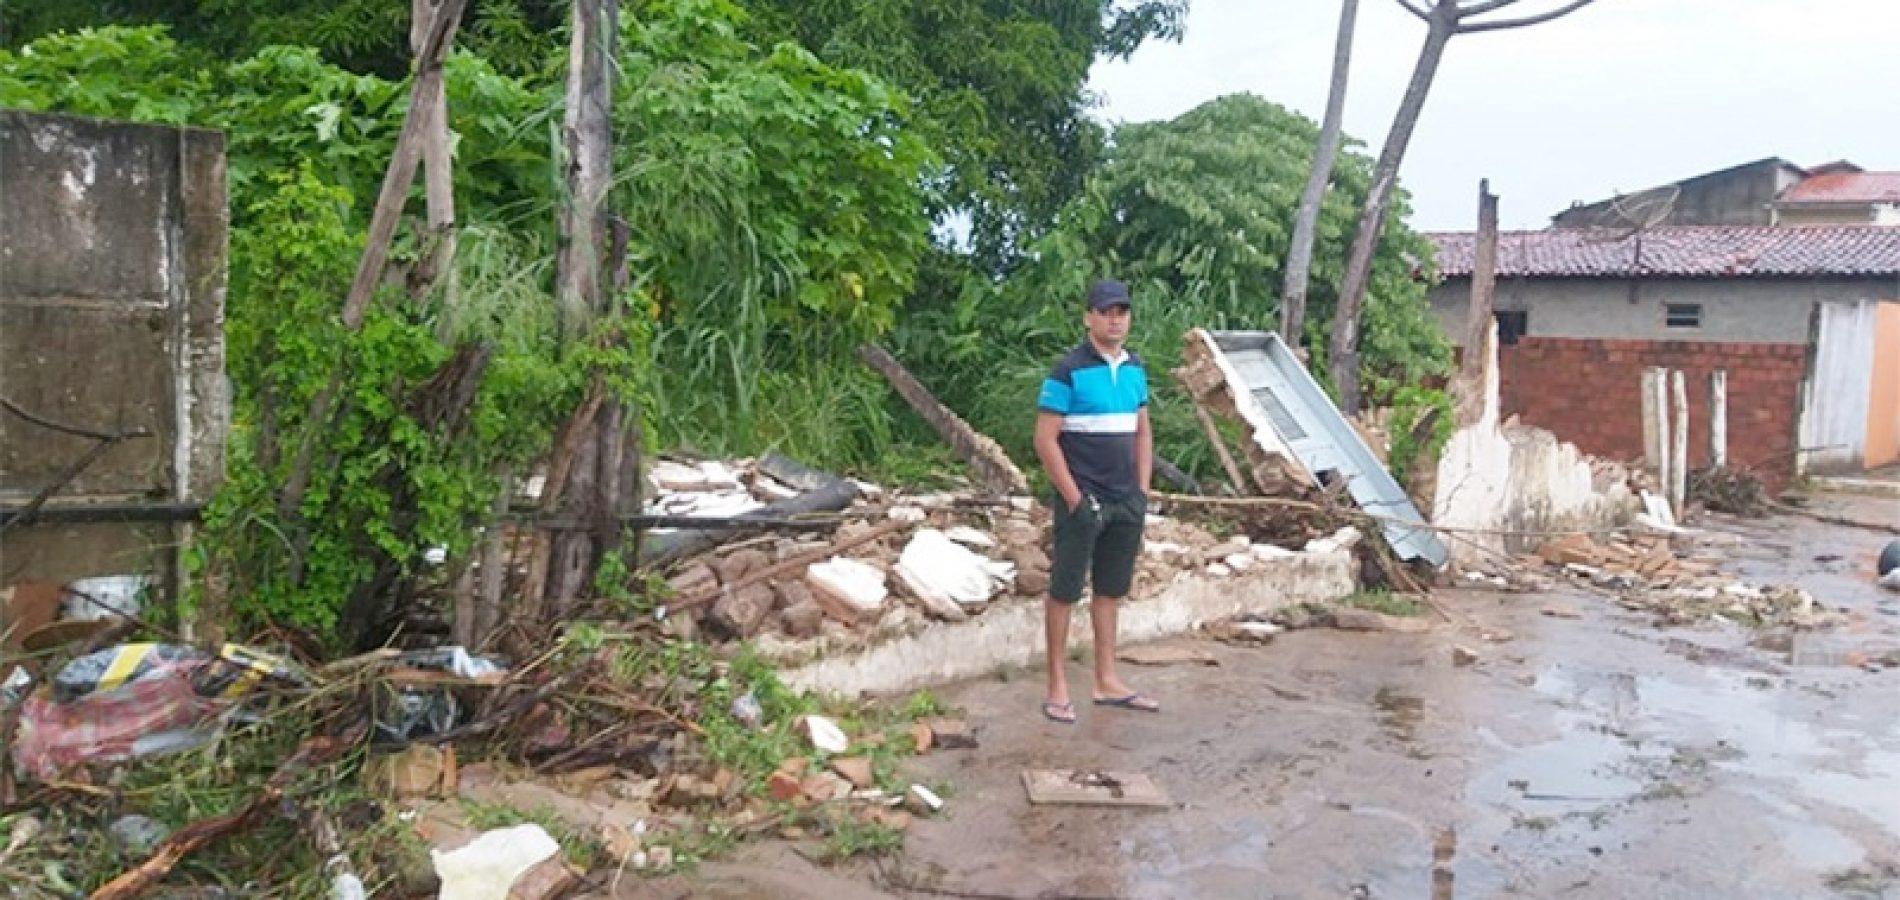 Piauí já contabiliza mais de 800 famílias atingidas pelas chuvas; 212 desabrigadas